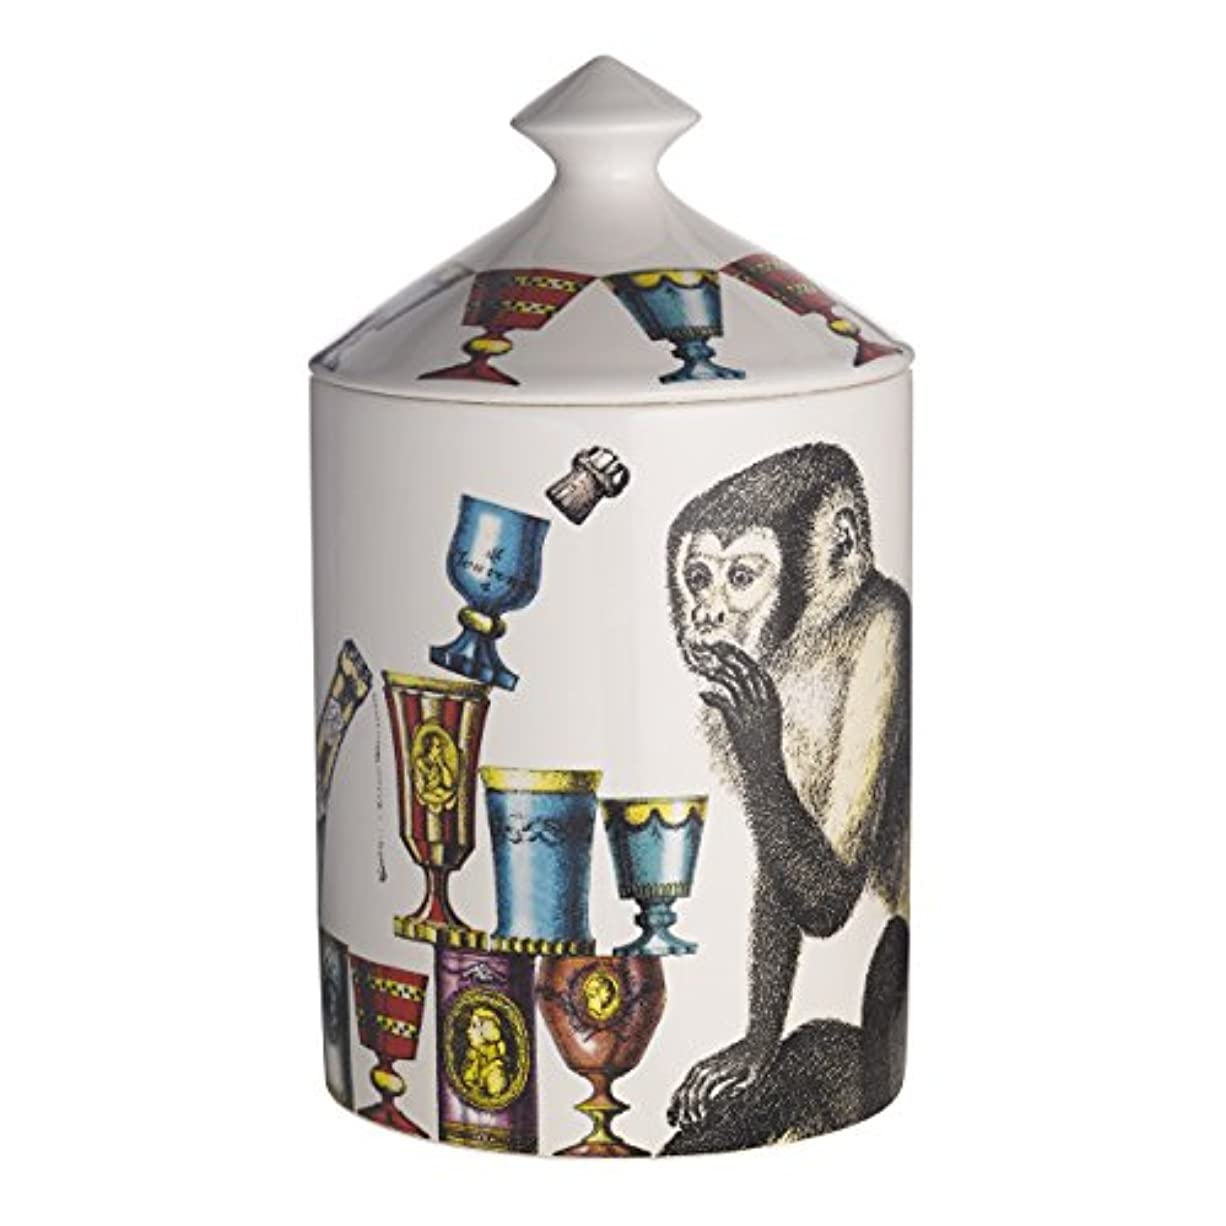 魔女確認してくださいペグフォルナセッティ シンミエ センテッド キャンドル 300g(Fornasetti Scimmie Scented Candle 300g)[海外直送品] [並行輸入品]